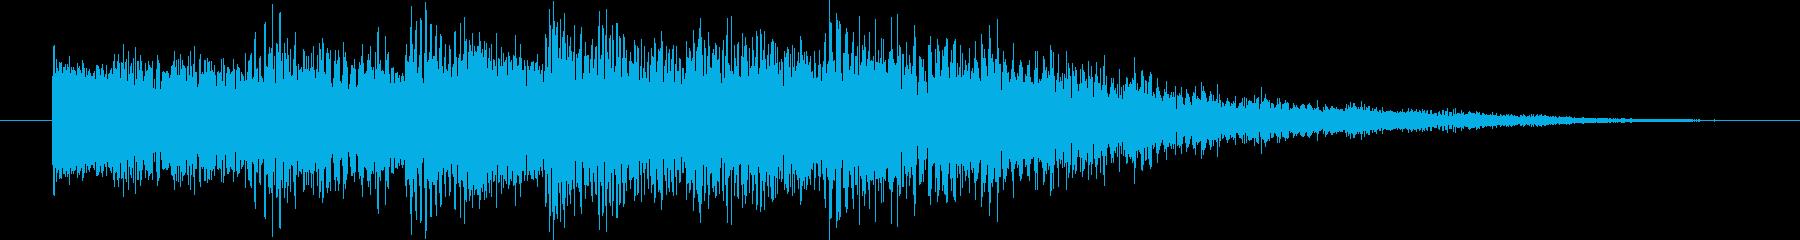 エレピとシンセのフェード系ジングルの再生済みの波形